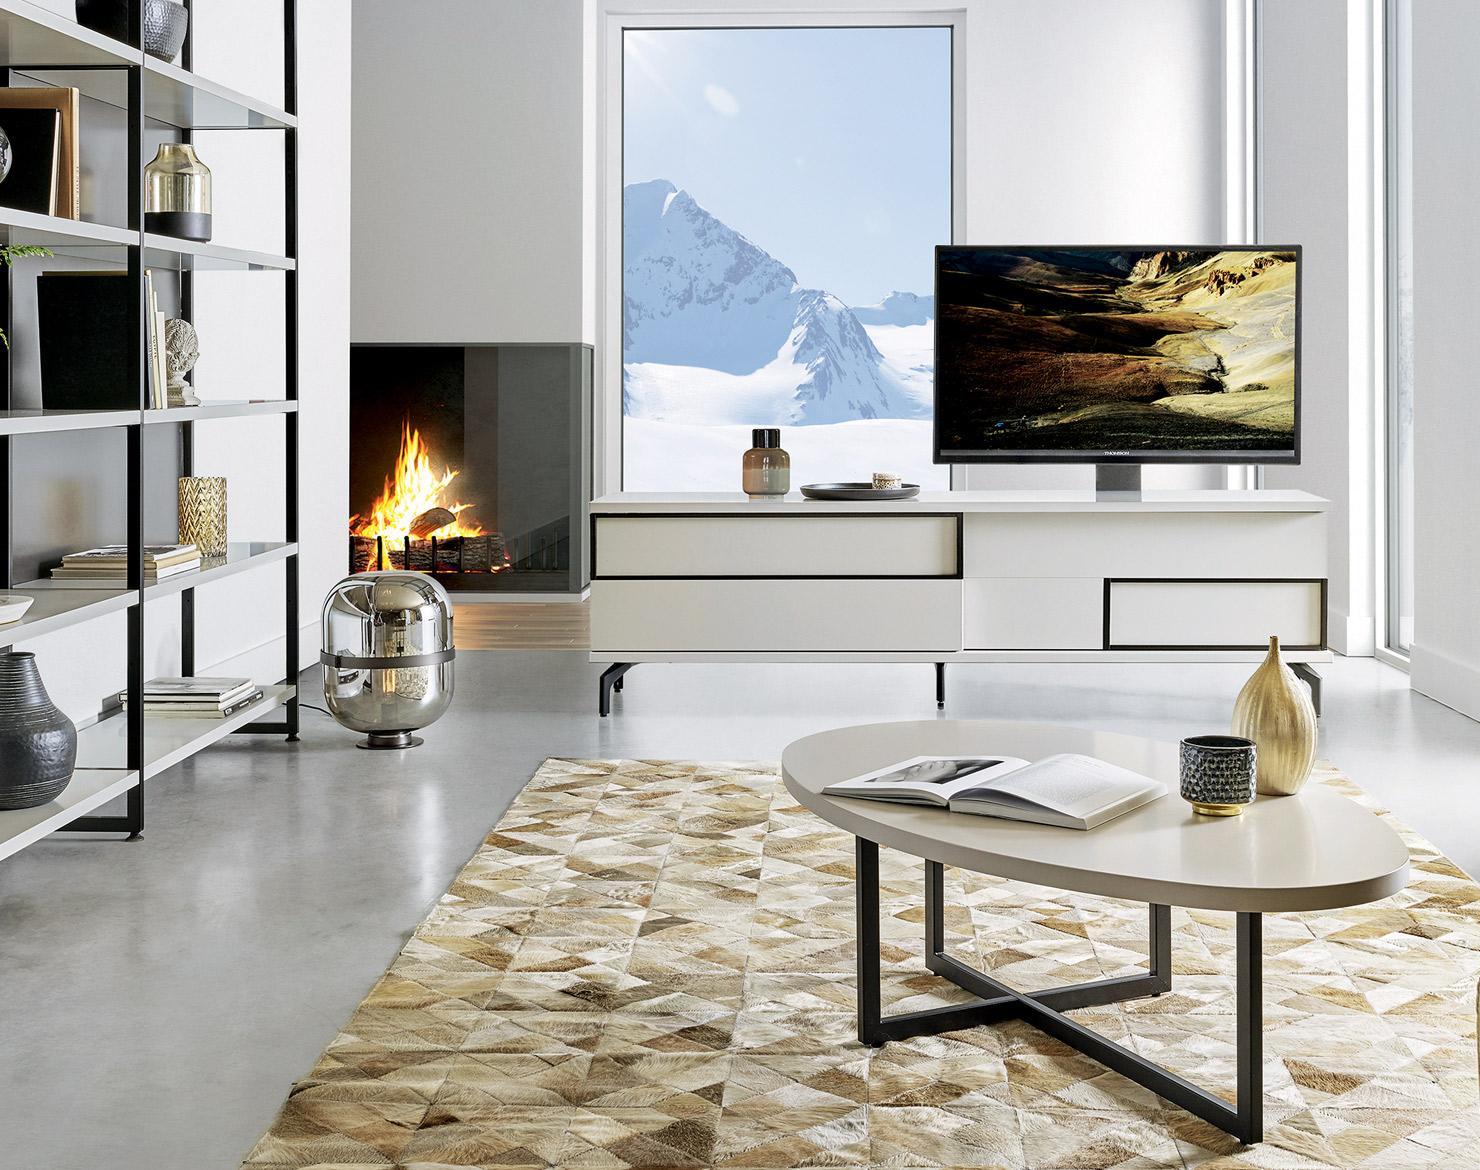 Choisir Un Meuble Tv Design Et Innovant Pour Votre Interieur